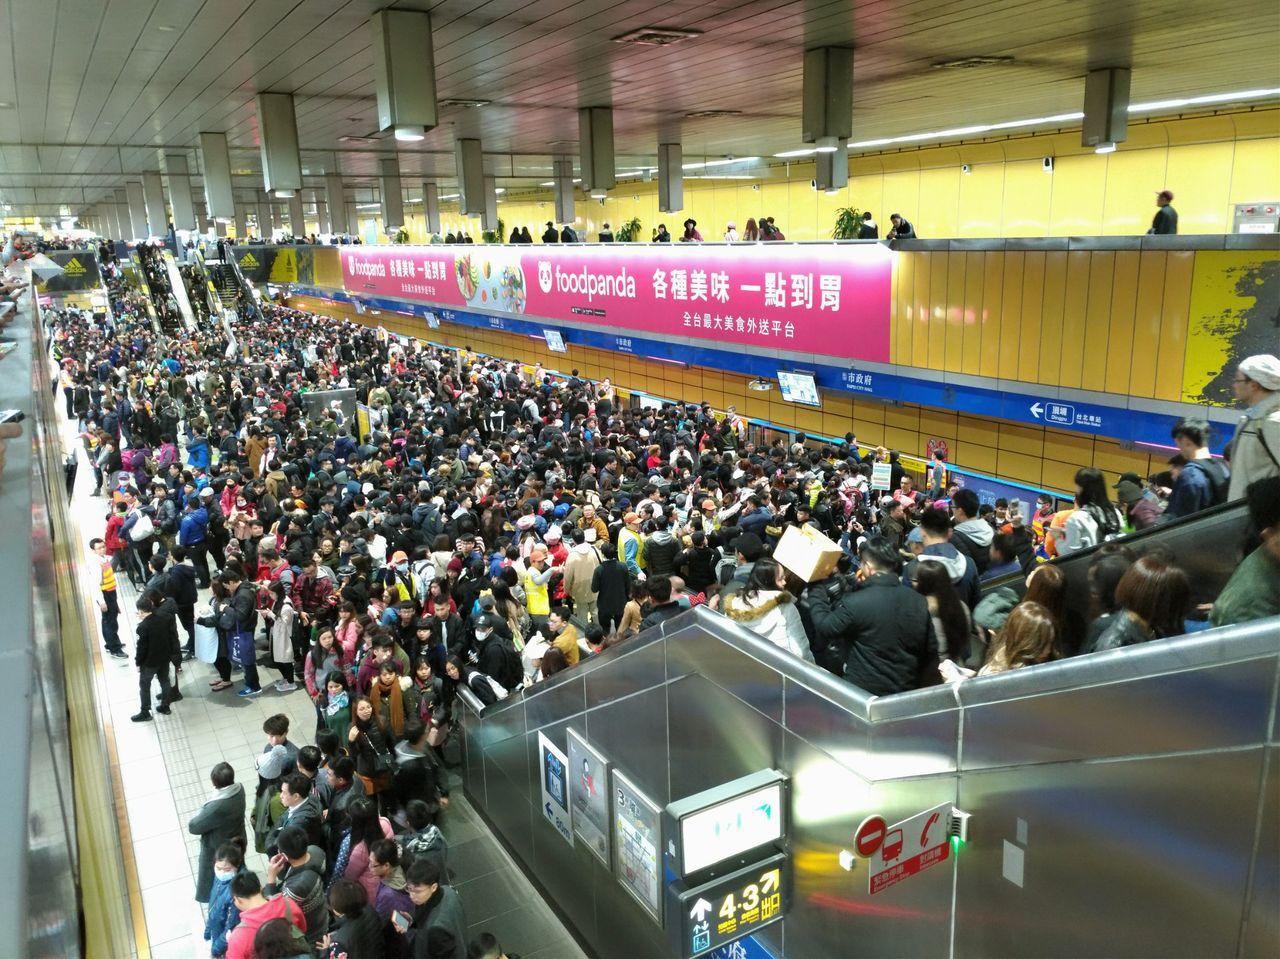 台北捷運公司表示,因應捷運環狀線第一階段營運通車,招募運務、維修、資訊、運輸規劃...